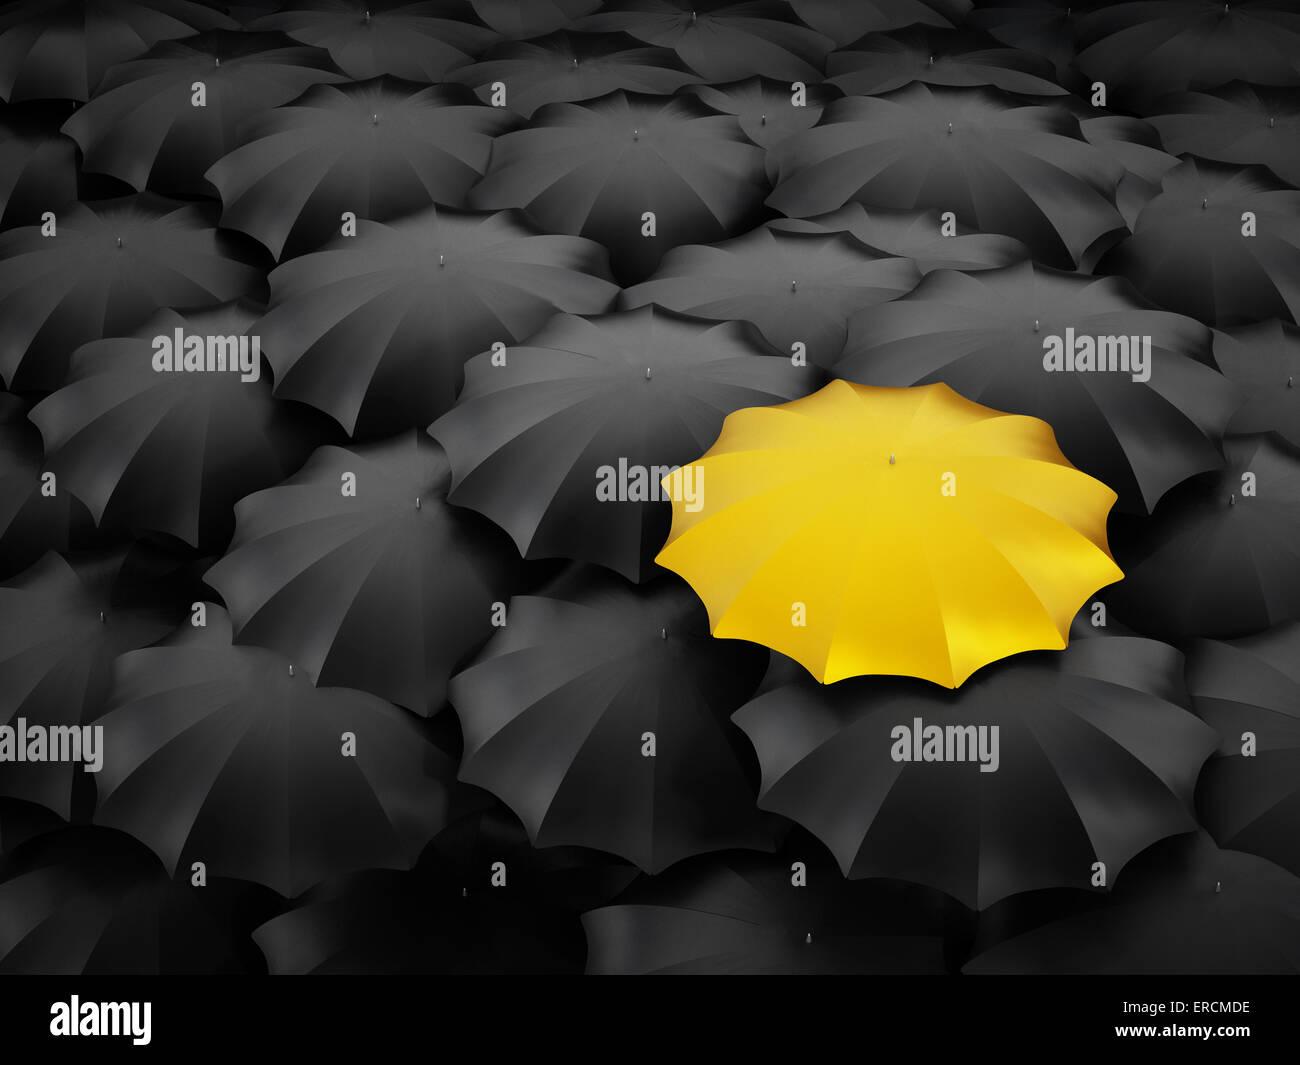 Differenzierung, Unterschied, Originalität Konzept. Stockbild